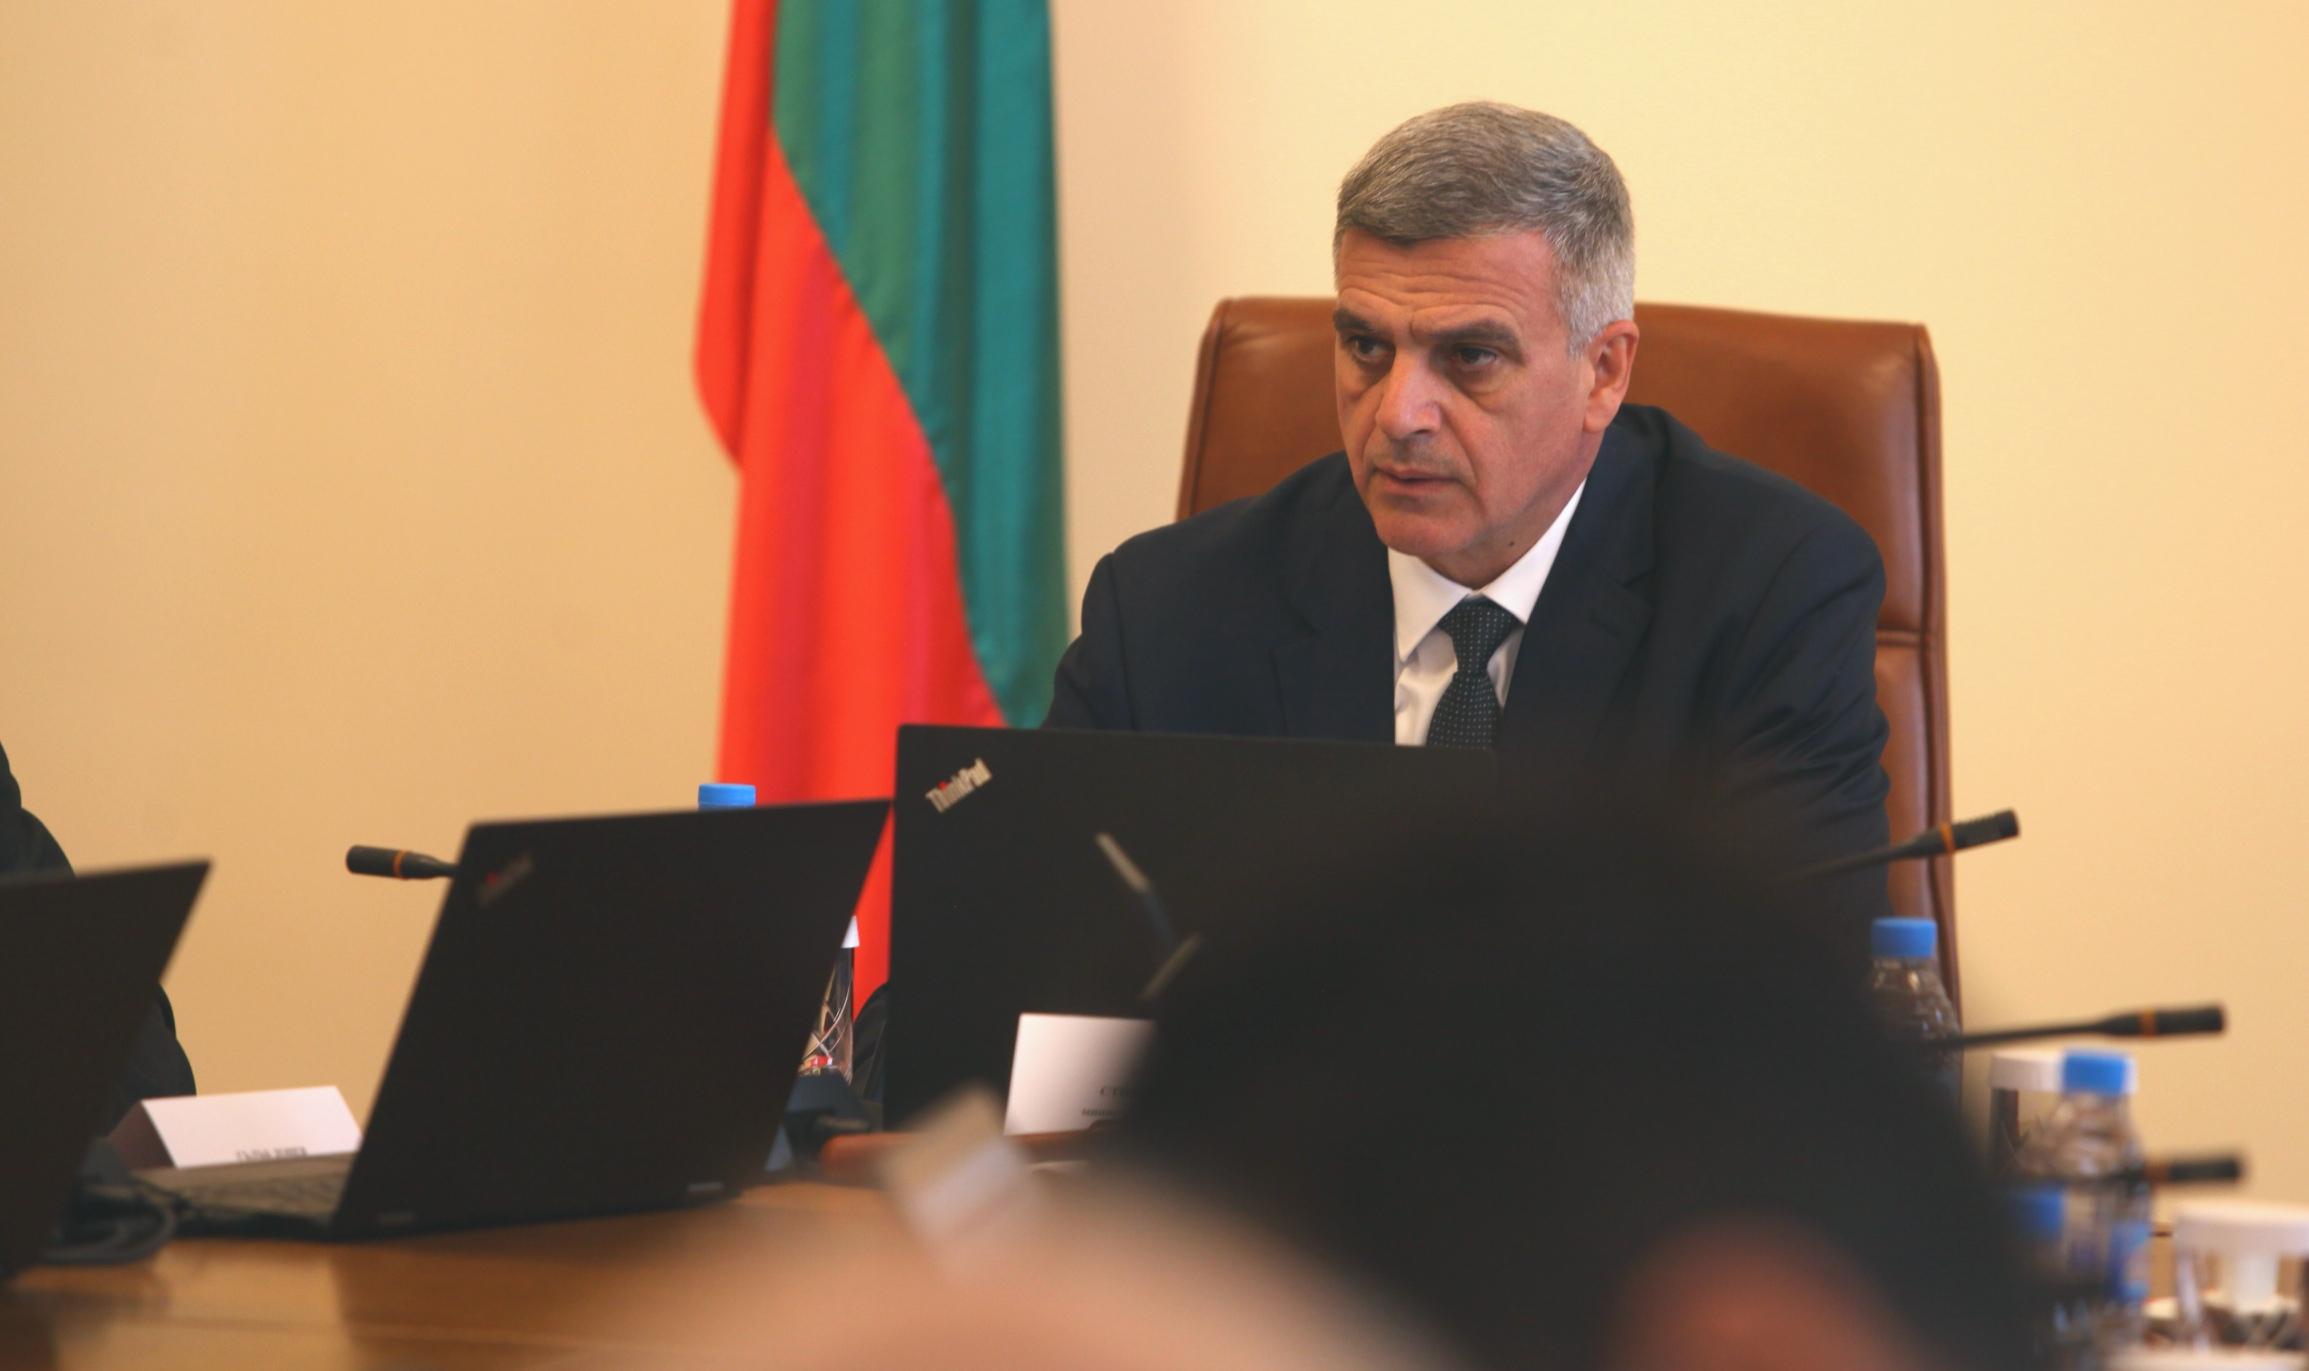 Решението на спора между България и Република Северна Македония е